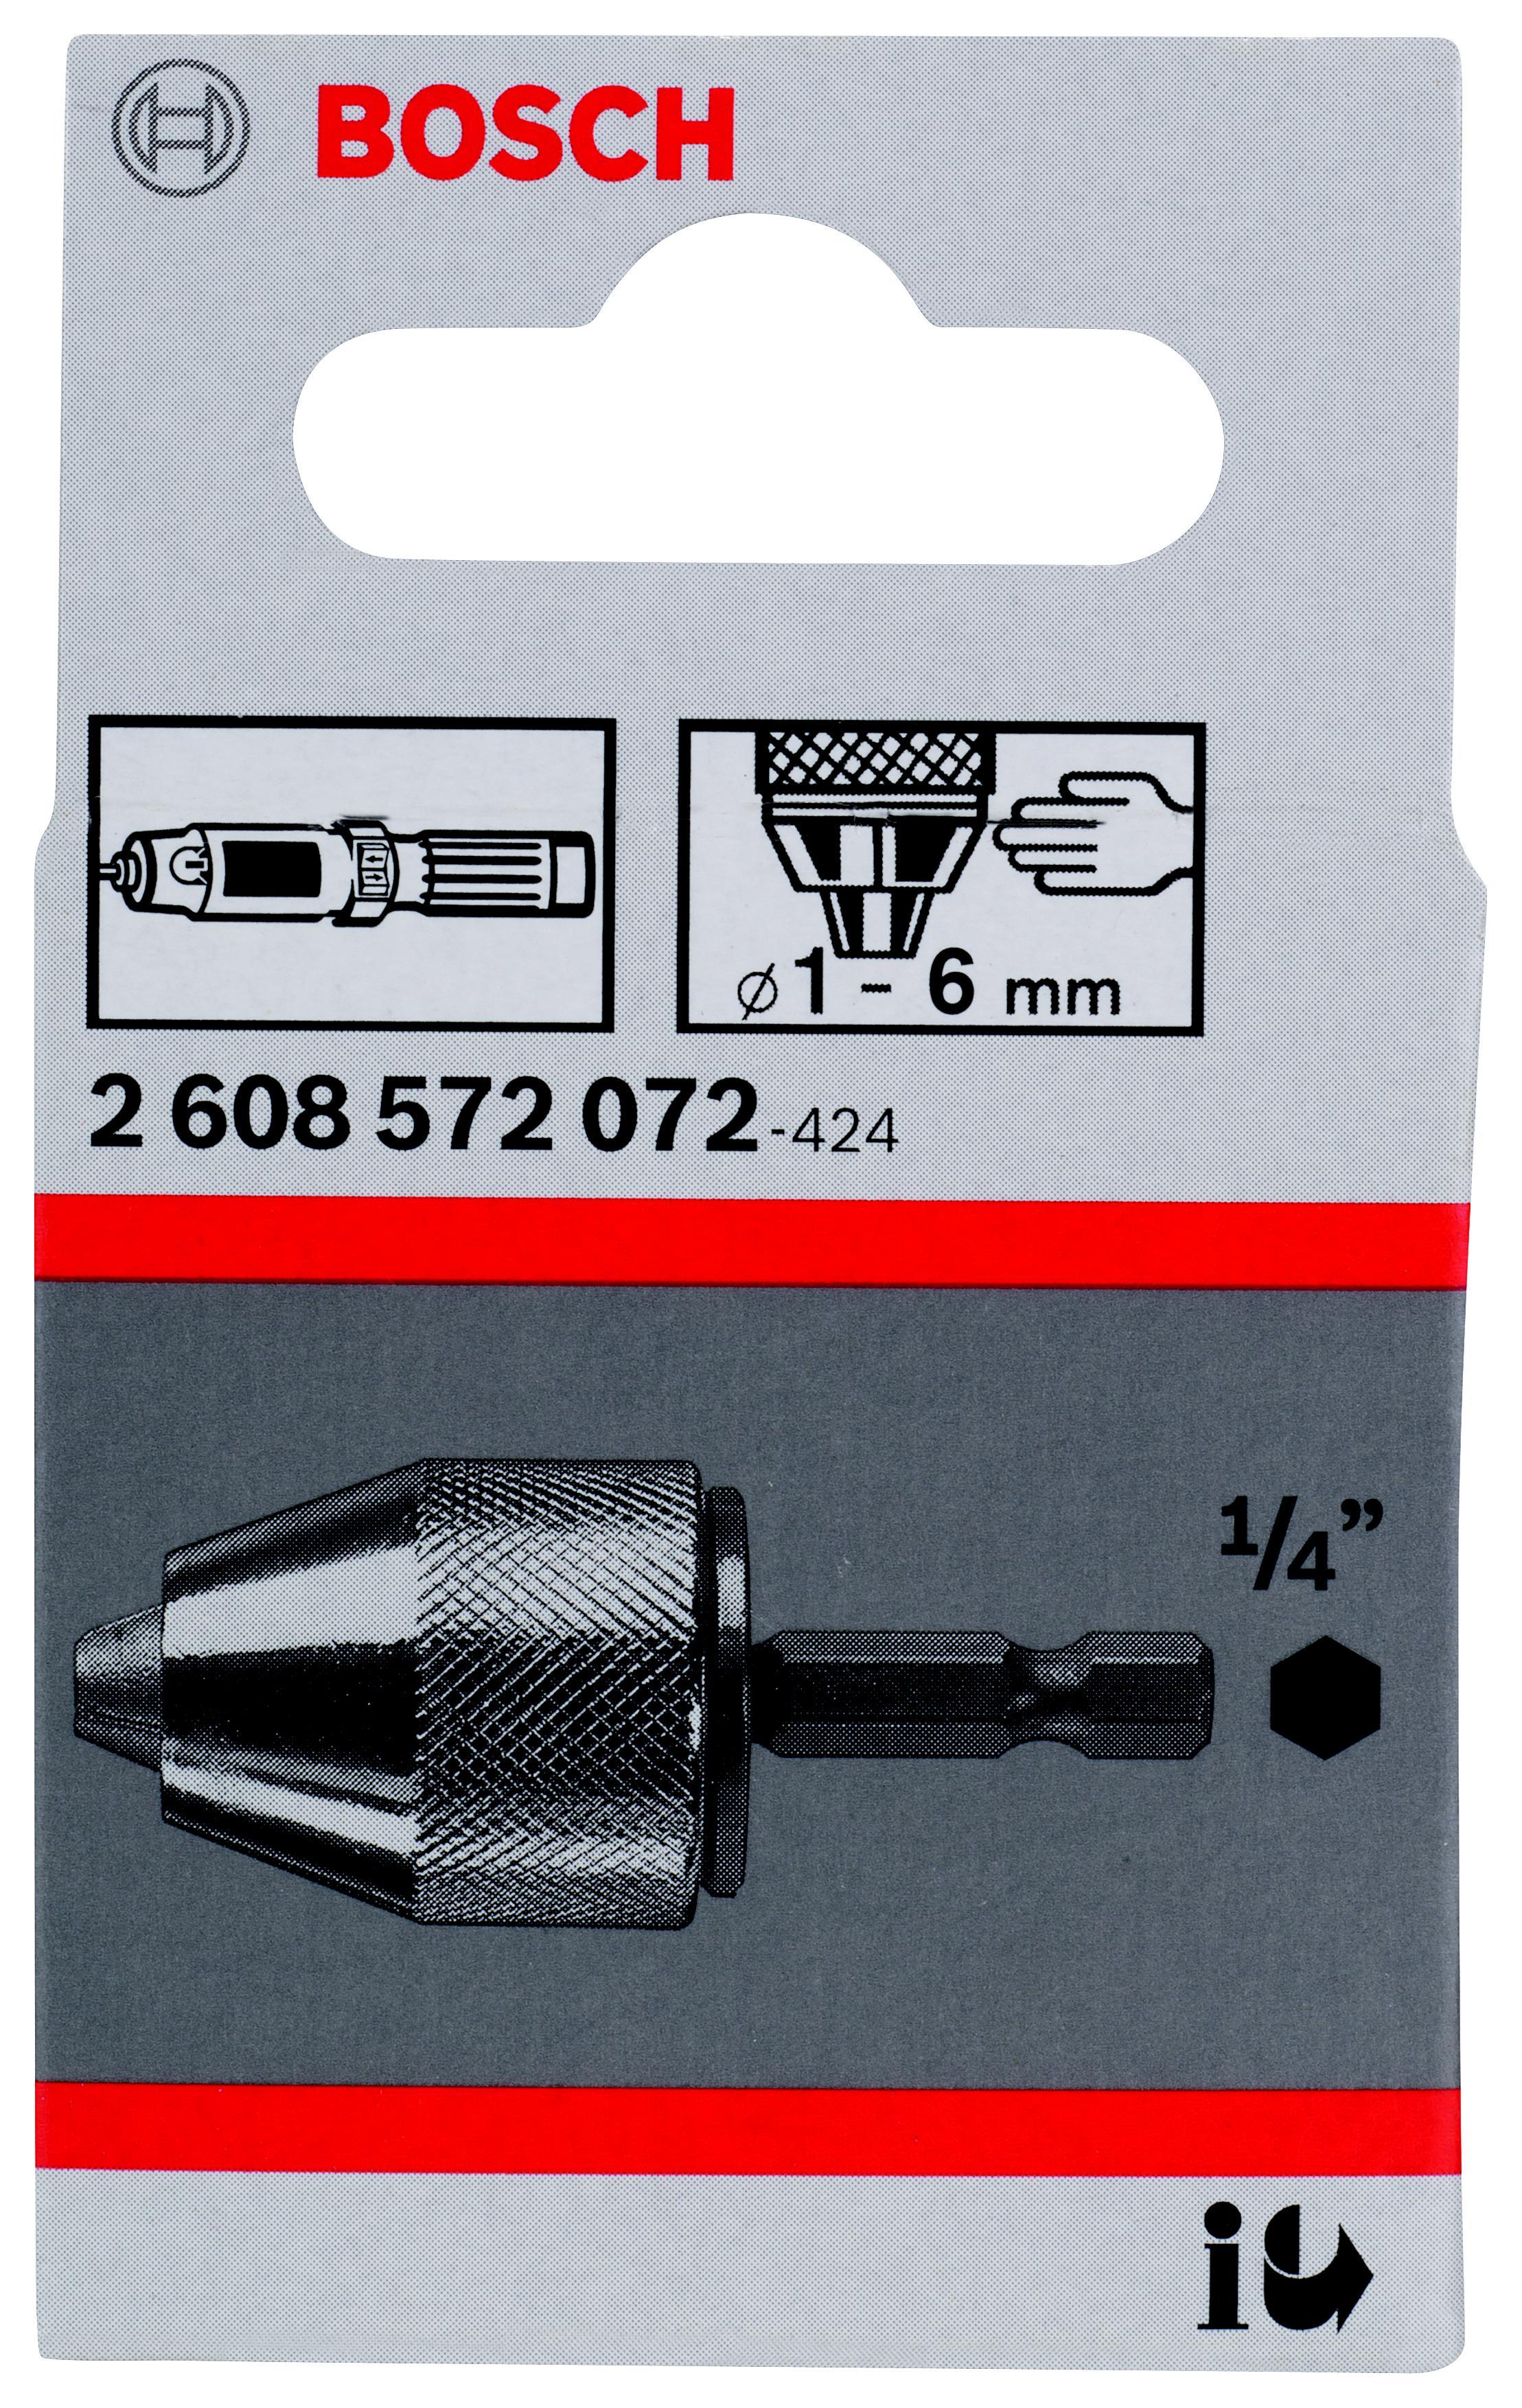 Патрон для дрели Bosch быстрозажимной 6мм, 1/4'' (2.608.572.072) отвертка насадка 1 4 6 гранник 6мм 25мм